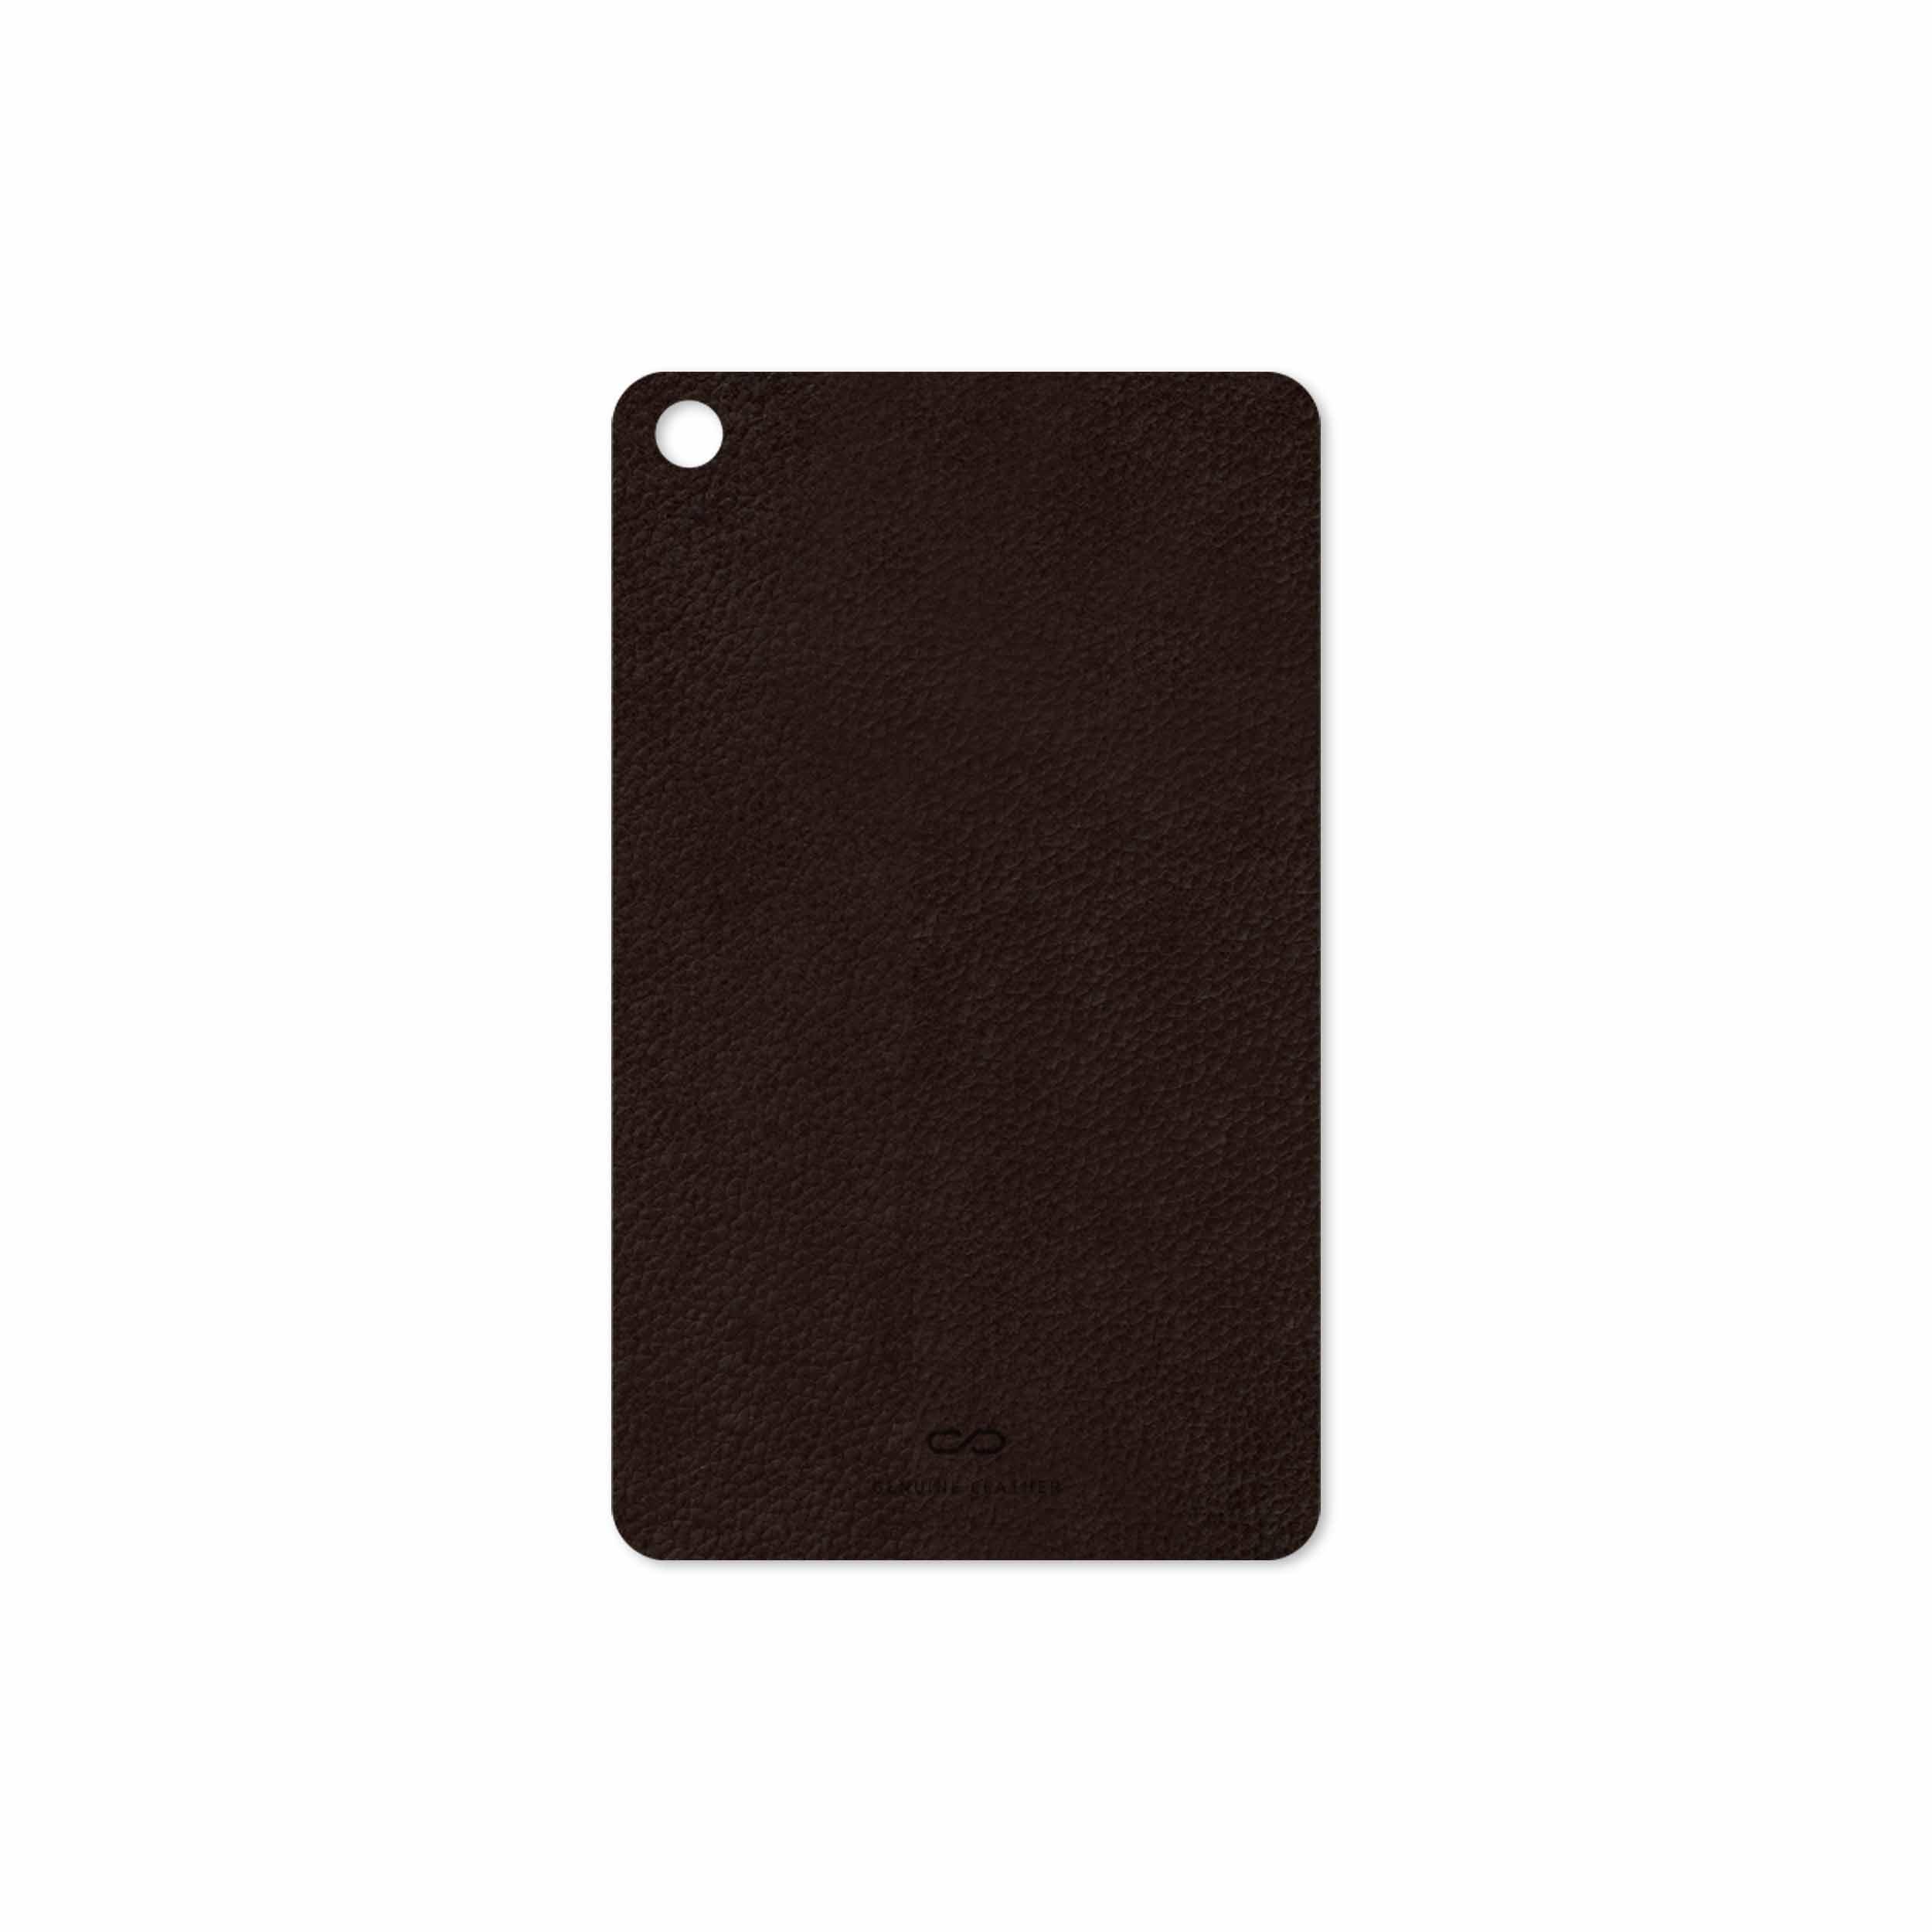 بررسی و خرید [با تخفیف]                                     برچسب پوششی ماهوت مدل Dark-Brown-Leather مناسب برای تبلت شیائومی Mi Pad 4 2018                             اورجینال